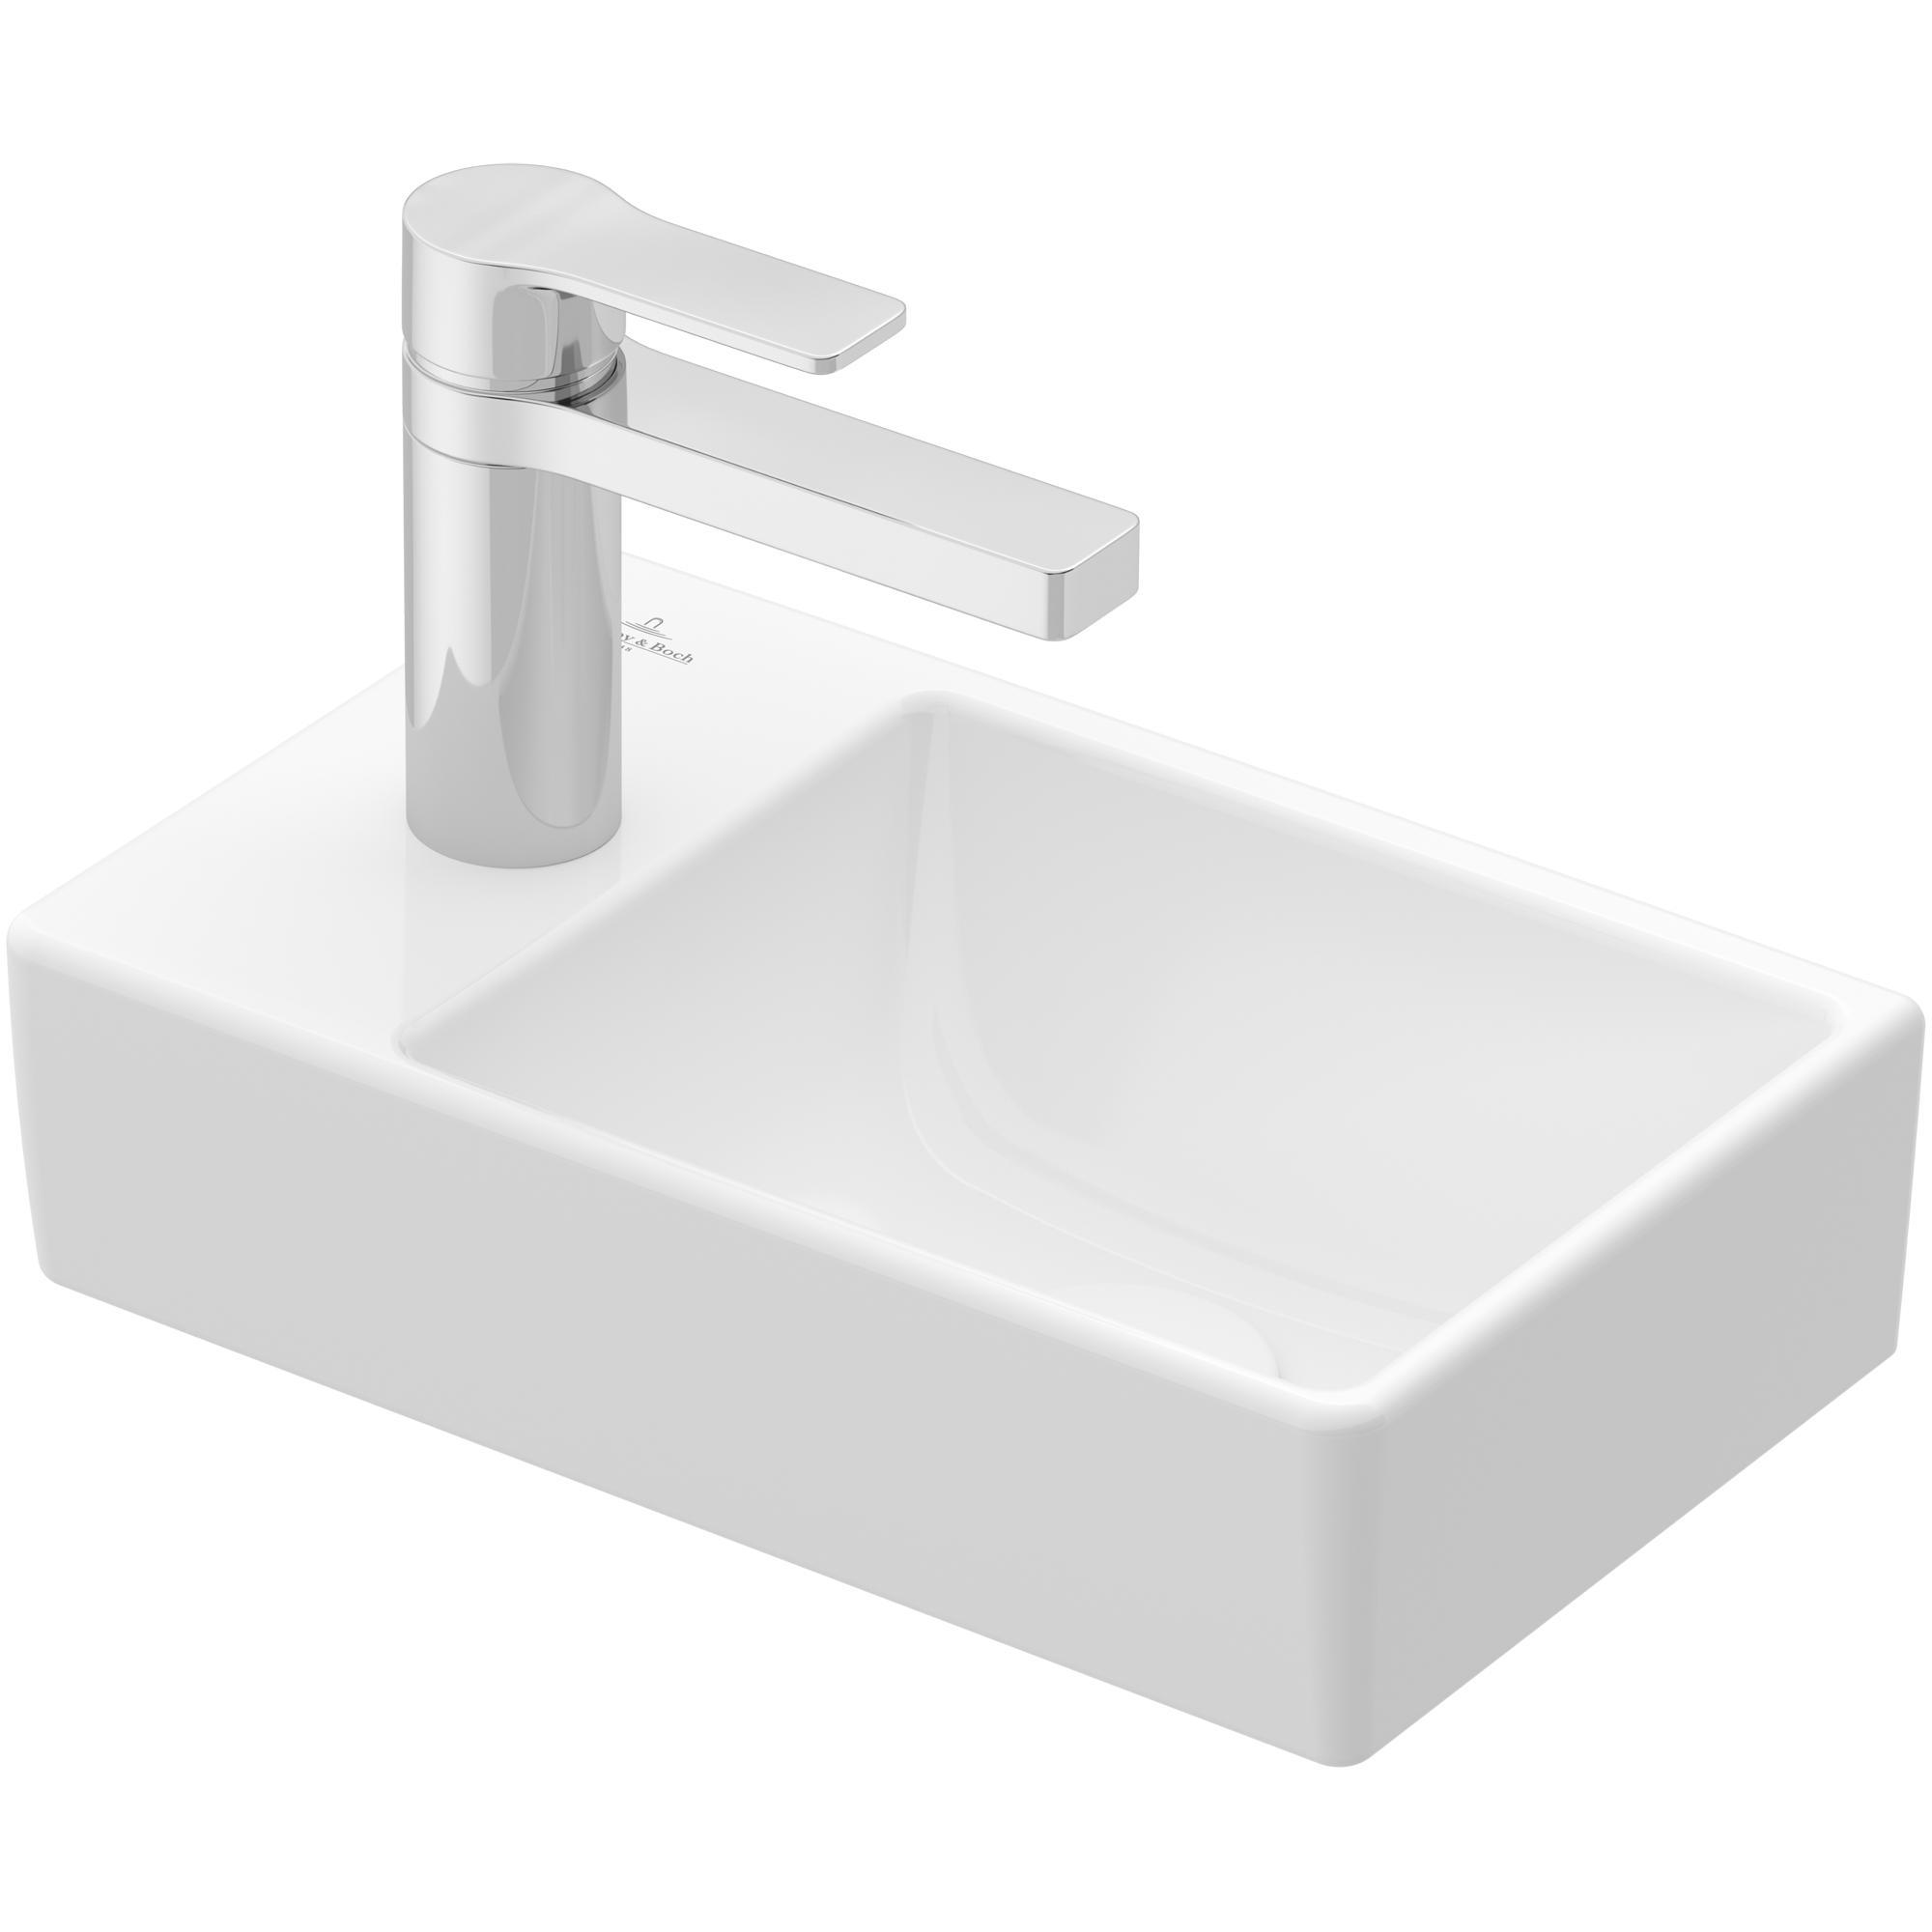 Tvättställ Villeroy & Boch Avento 360 mm